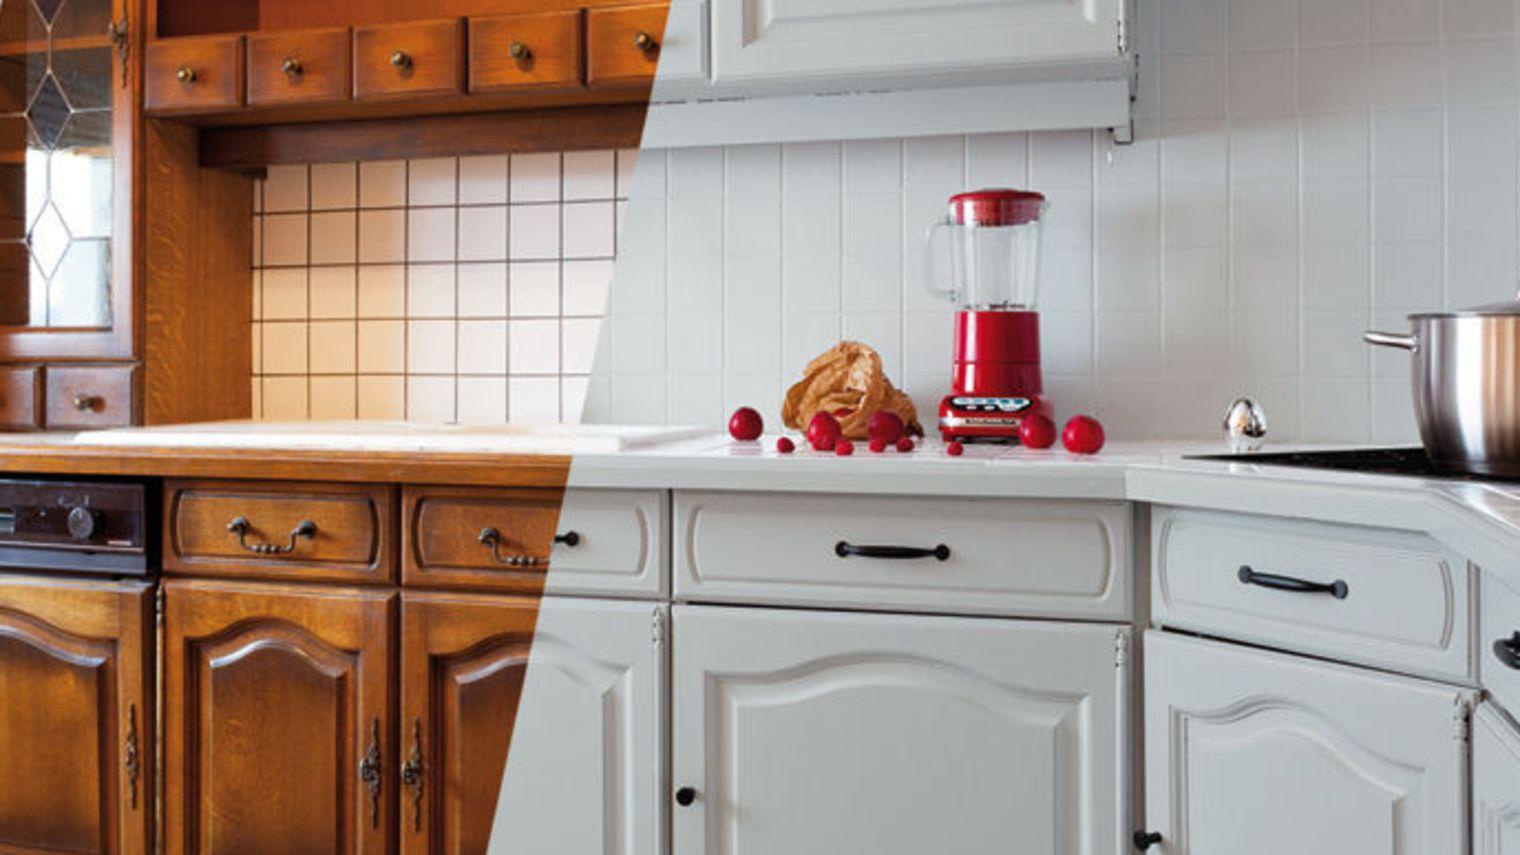 Comment Choisir Son Carrelage De Cuisine guide pour choisir le carrelage de votre cuisine – cuisinoo